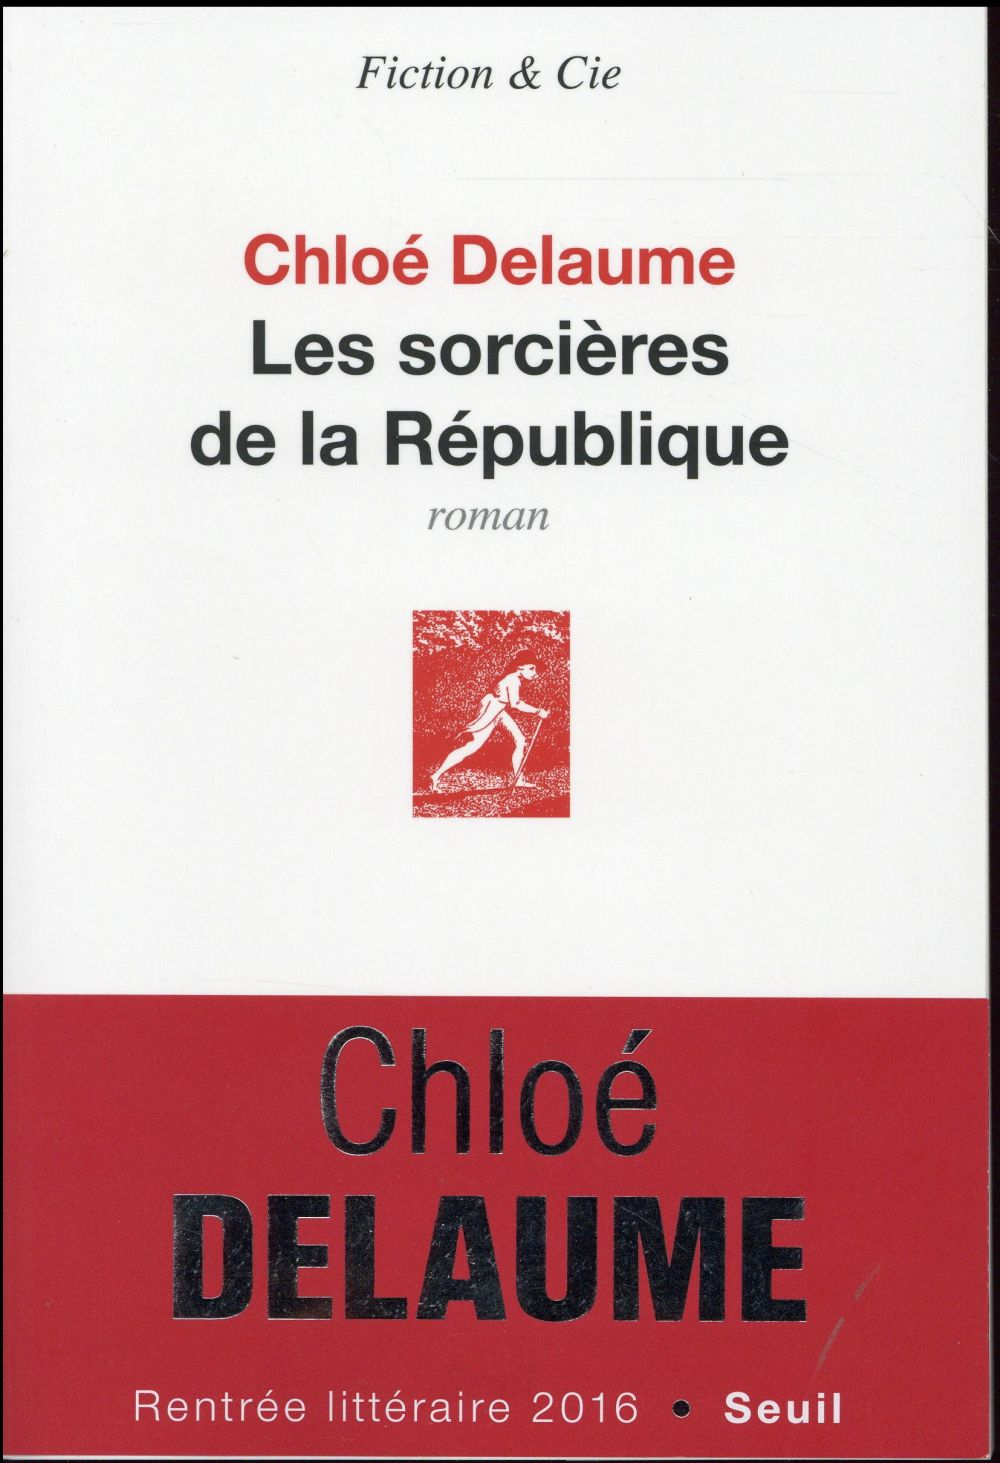 """Pour ou Contre ? Les critiques des lecteurs pour """"Les sorcières de la république"""" de Chloé Delaume"""